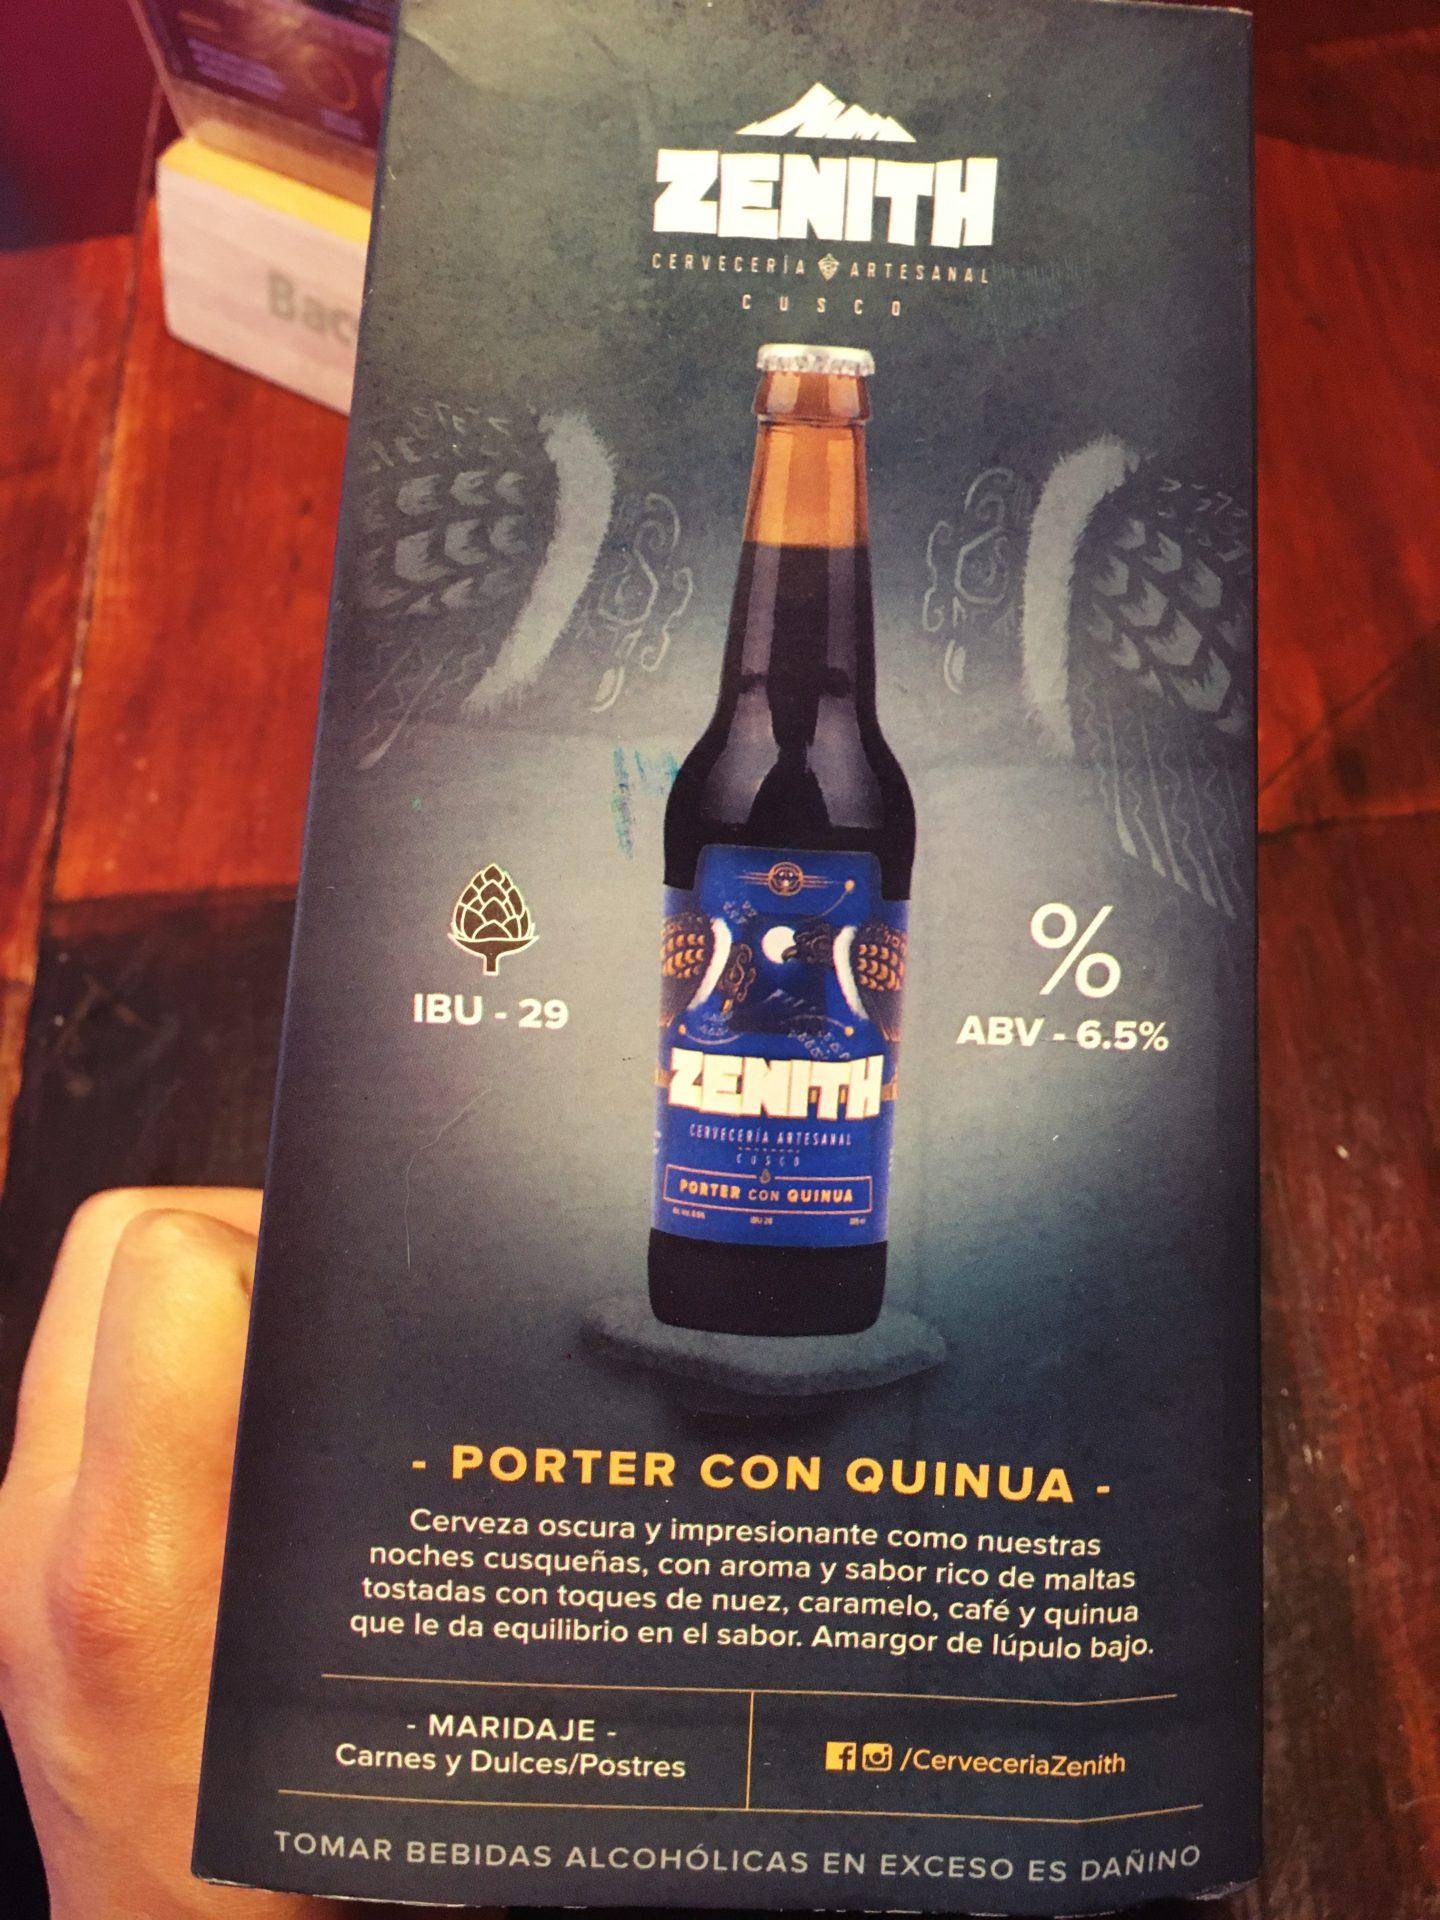 ペルー, クスコ, 地ビール, Zenith